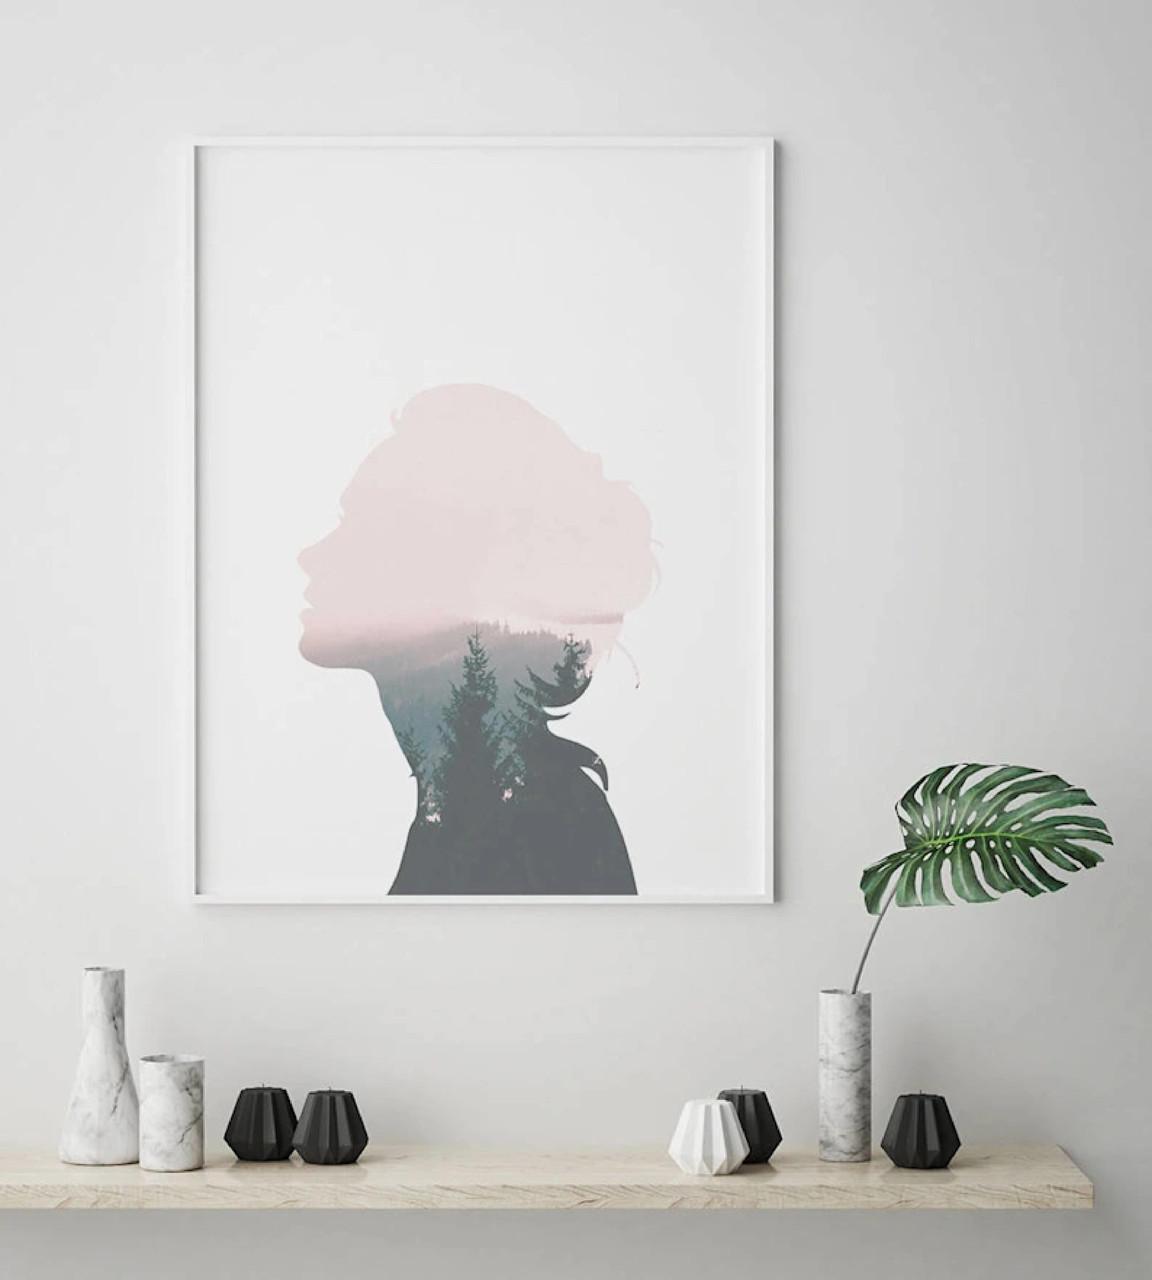 Плакат на стену. Постер. Двойная экспозиция. Forest Girl. Плакат формат А3